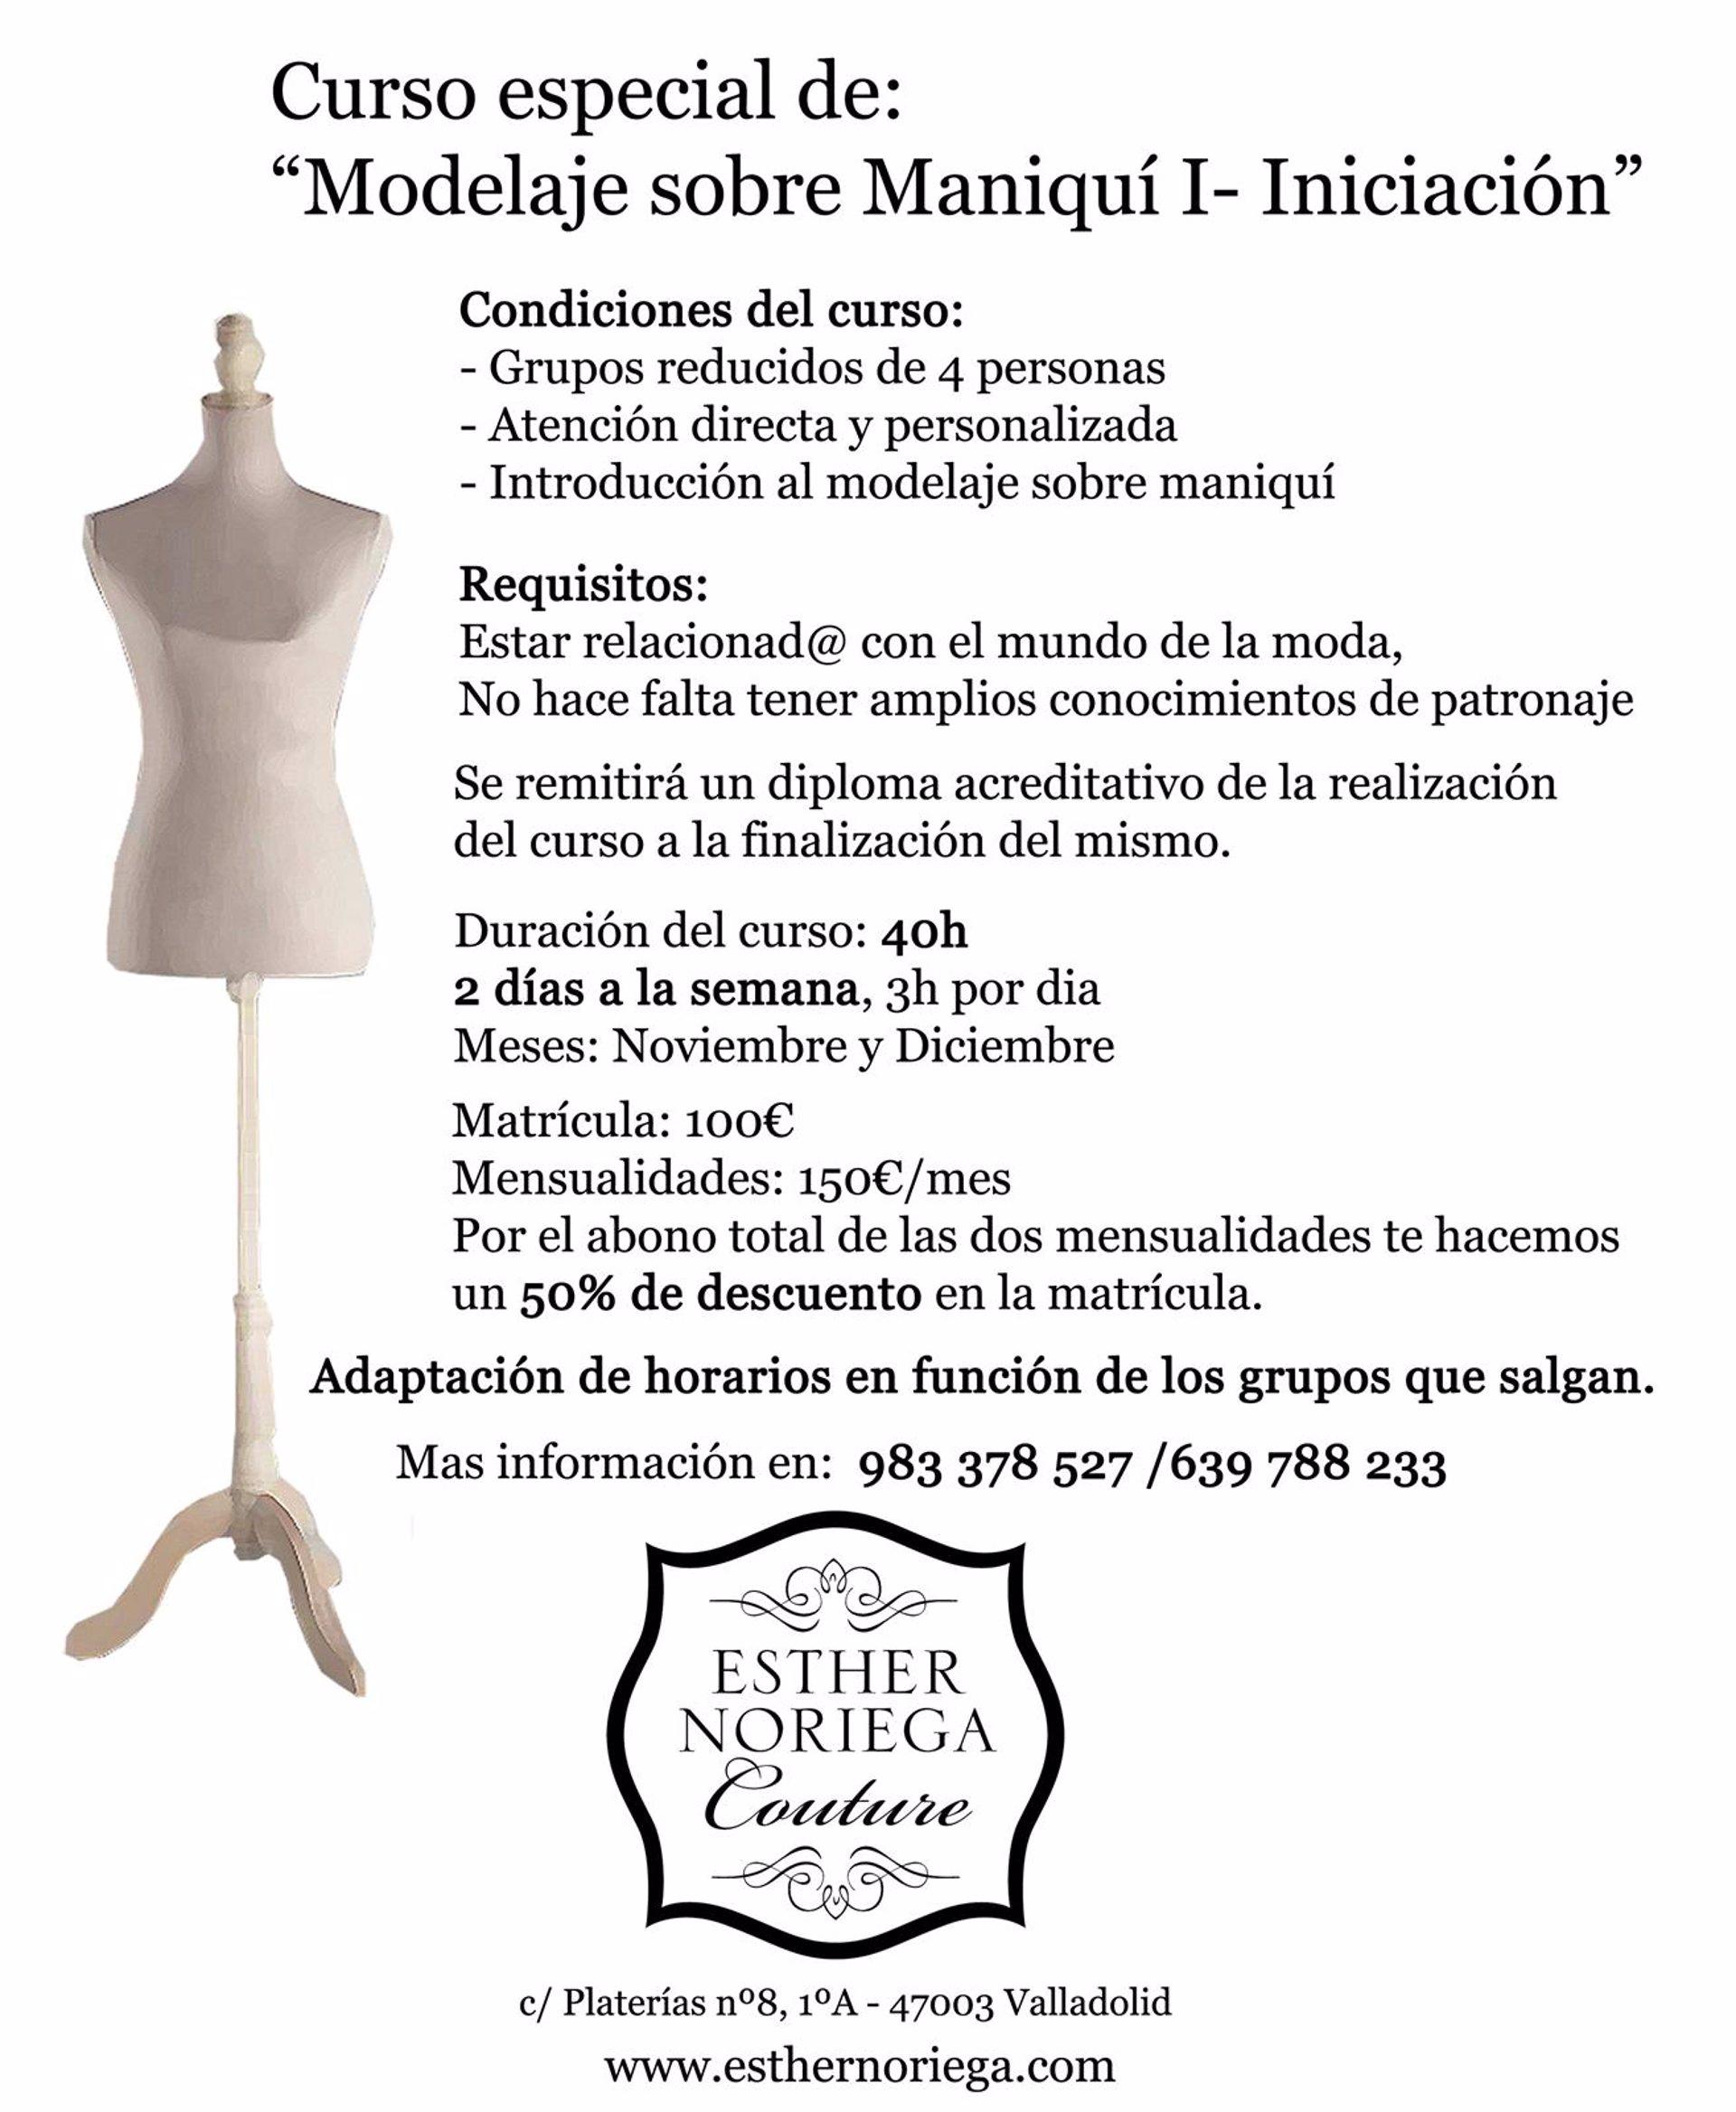 La diseñadora Esther Noriega ofrecerá cursos de modelaje sobre ...